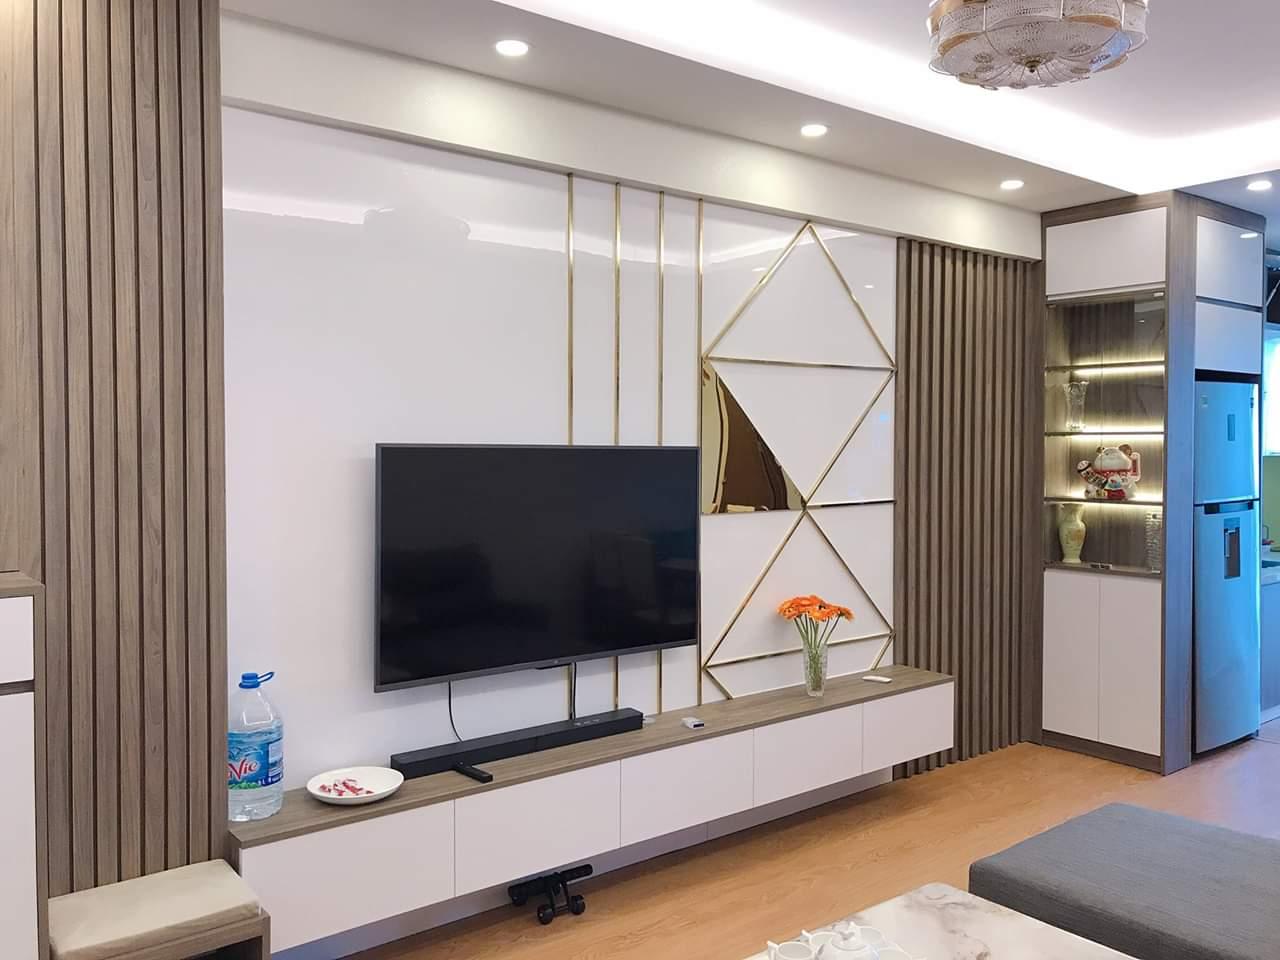 Mẫu Kệ tivi đẹp cho không gian phòng khách, mang đến vẻ đẹp hiện đại ,trẻ trung